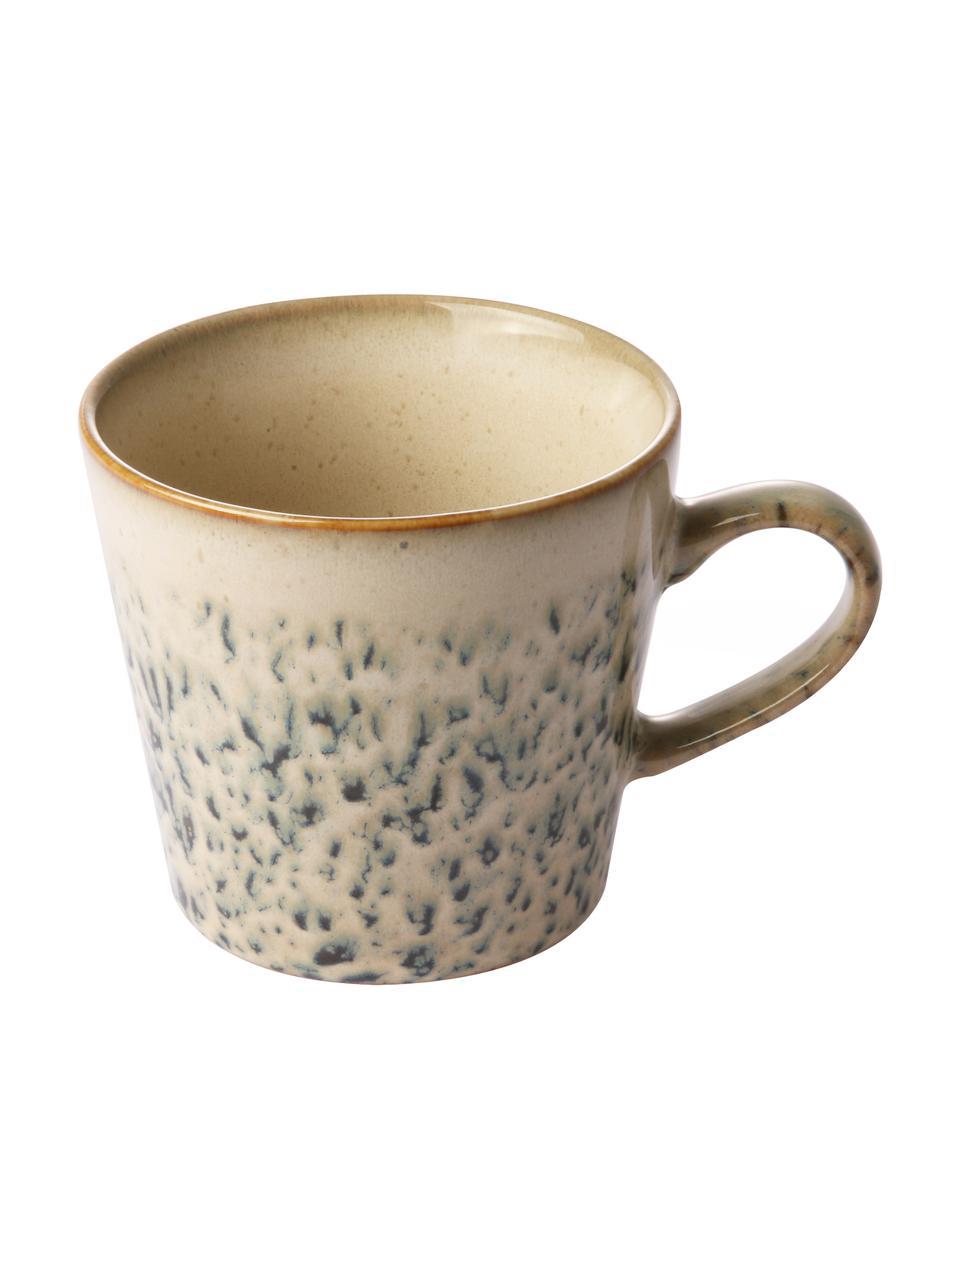 Handgemachte Cappuccinotassen 70's im Retro Style, 4 Stück, Steingut, Grün, Weiß, Ø 12 x H 9 cm